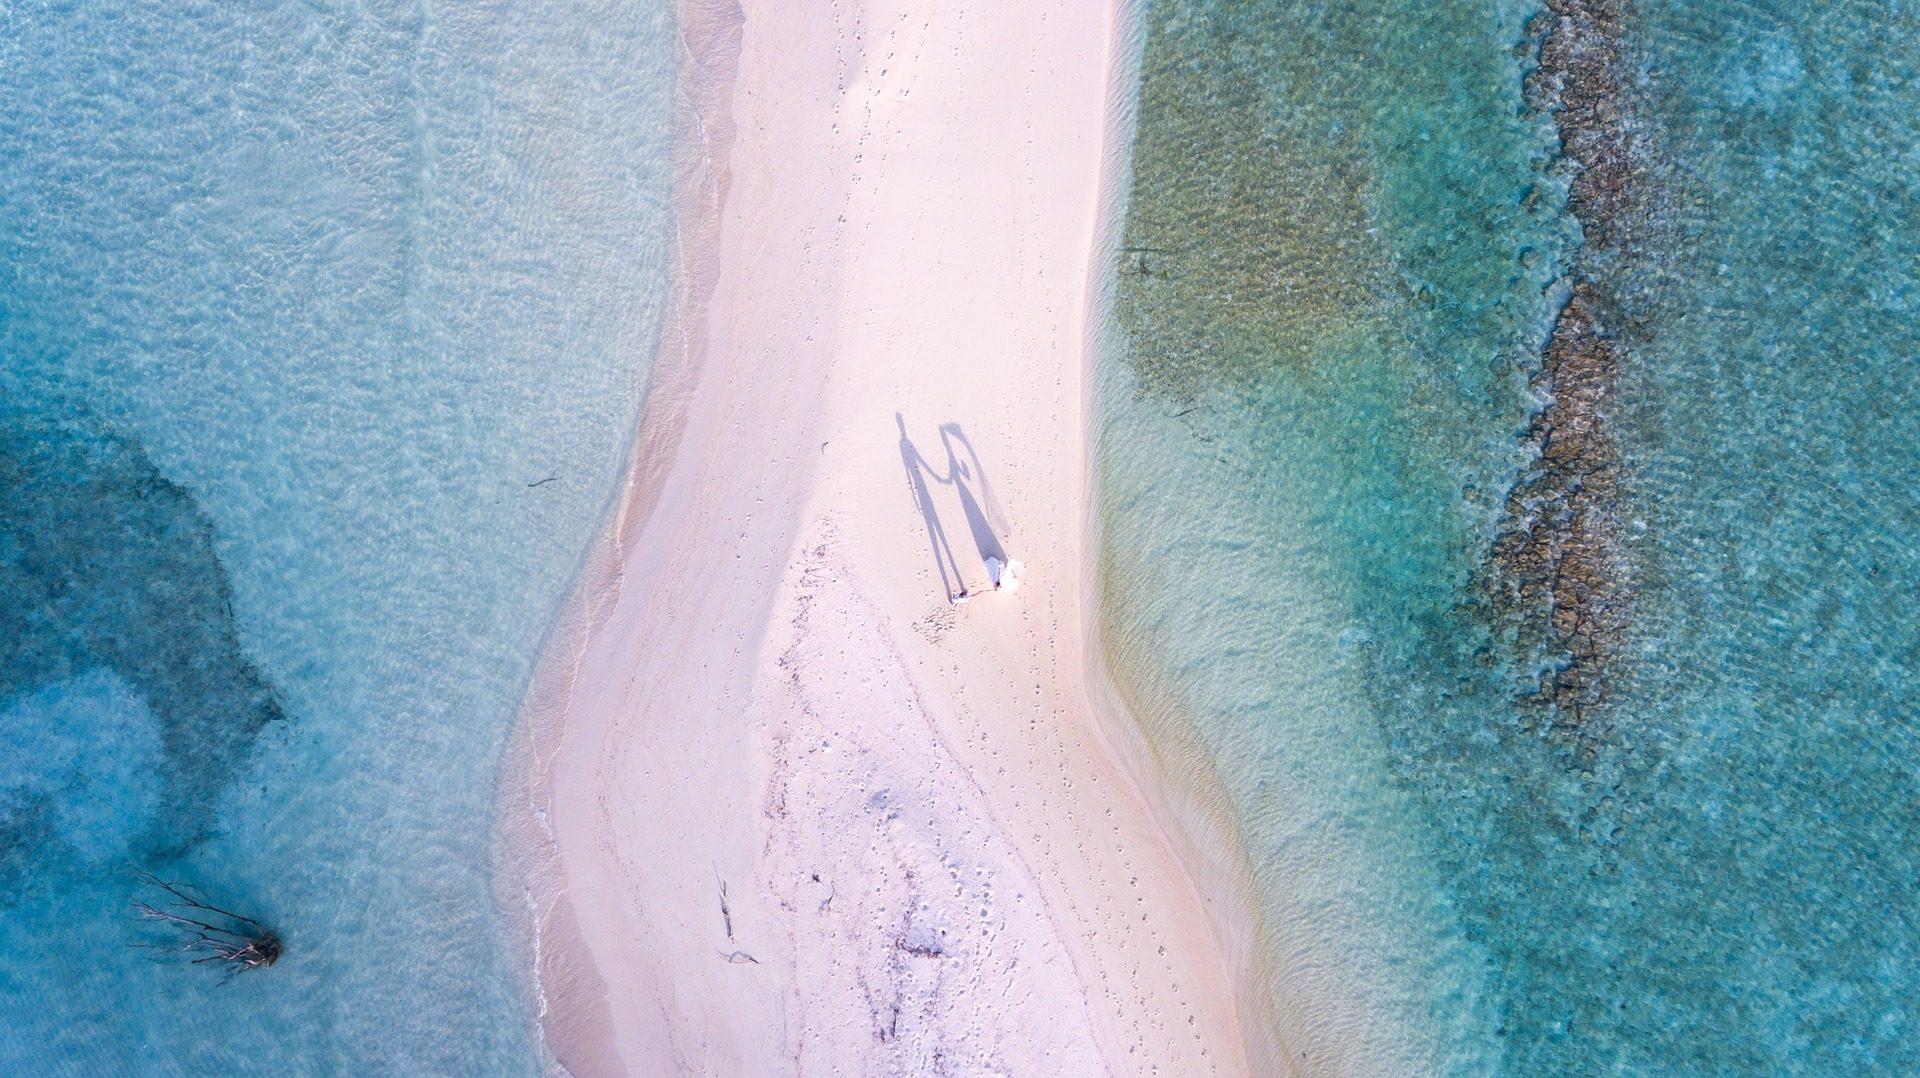 Παραλία, νερό, Τυρκουάζ, Άμμος, ζευγάρι, νύφη και το γαμπρό - Wallpapers HD - Professor-falken.com